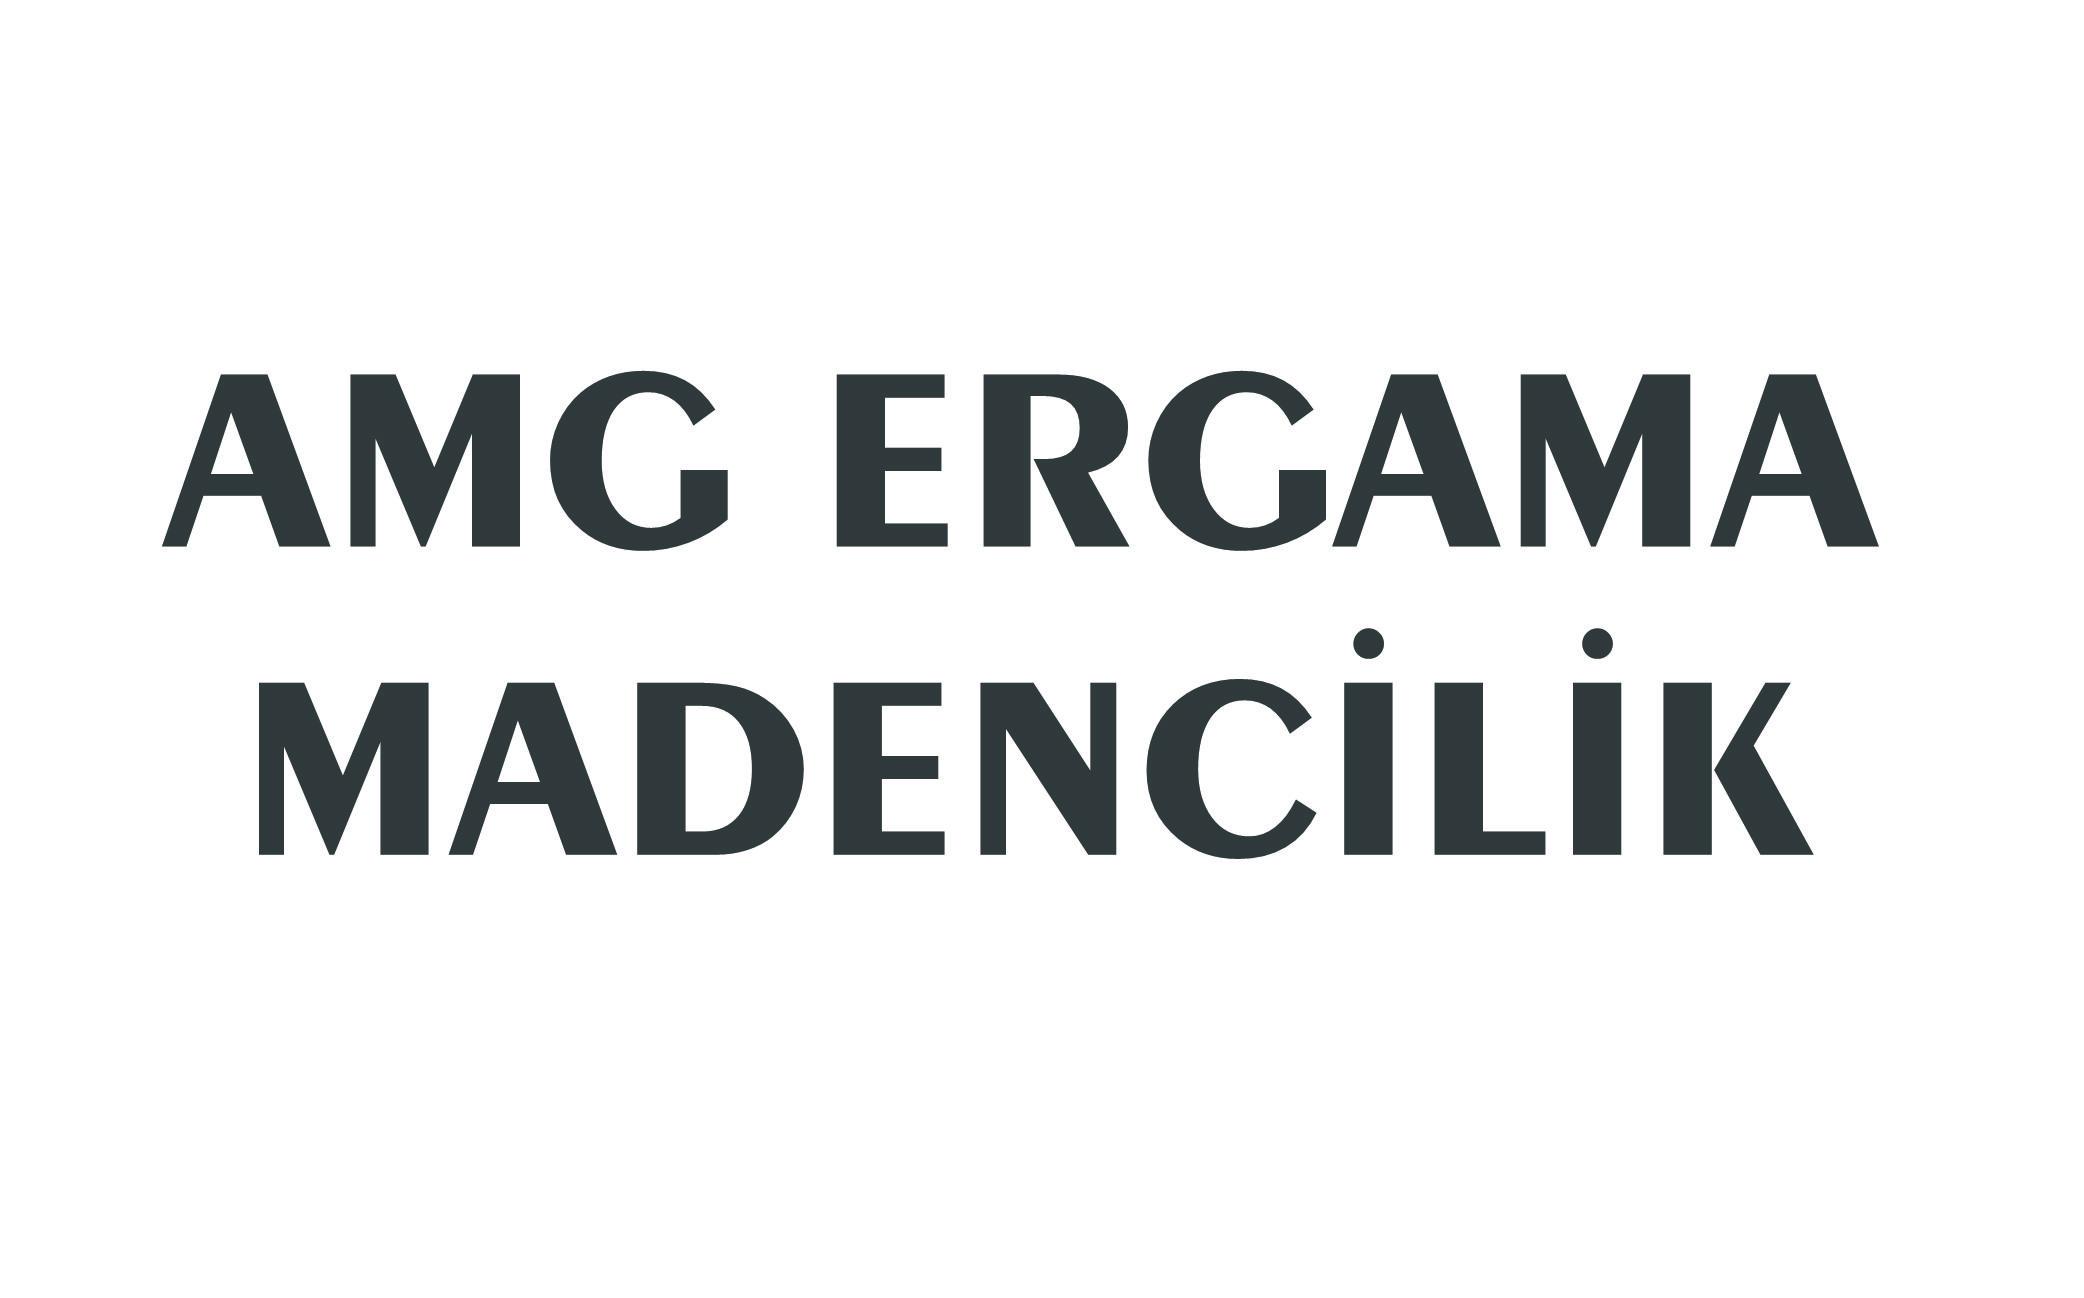 AMG ERGAMA